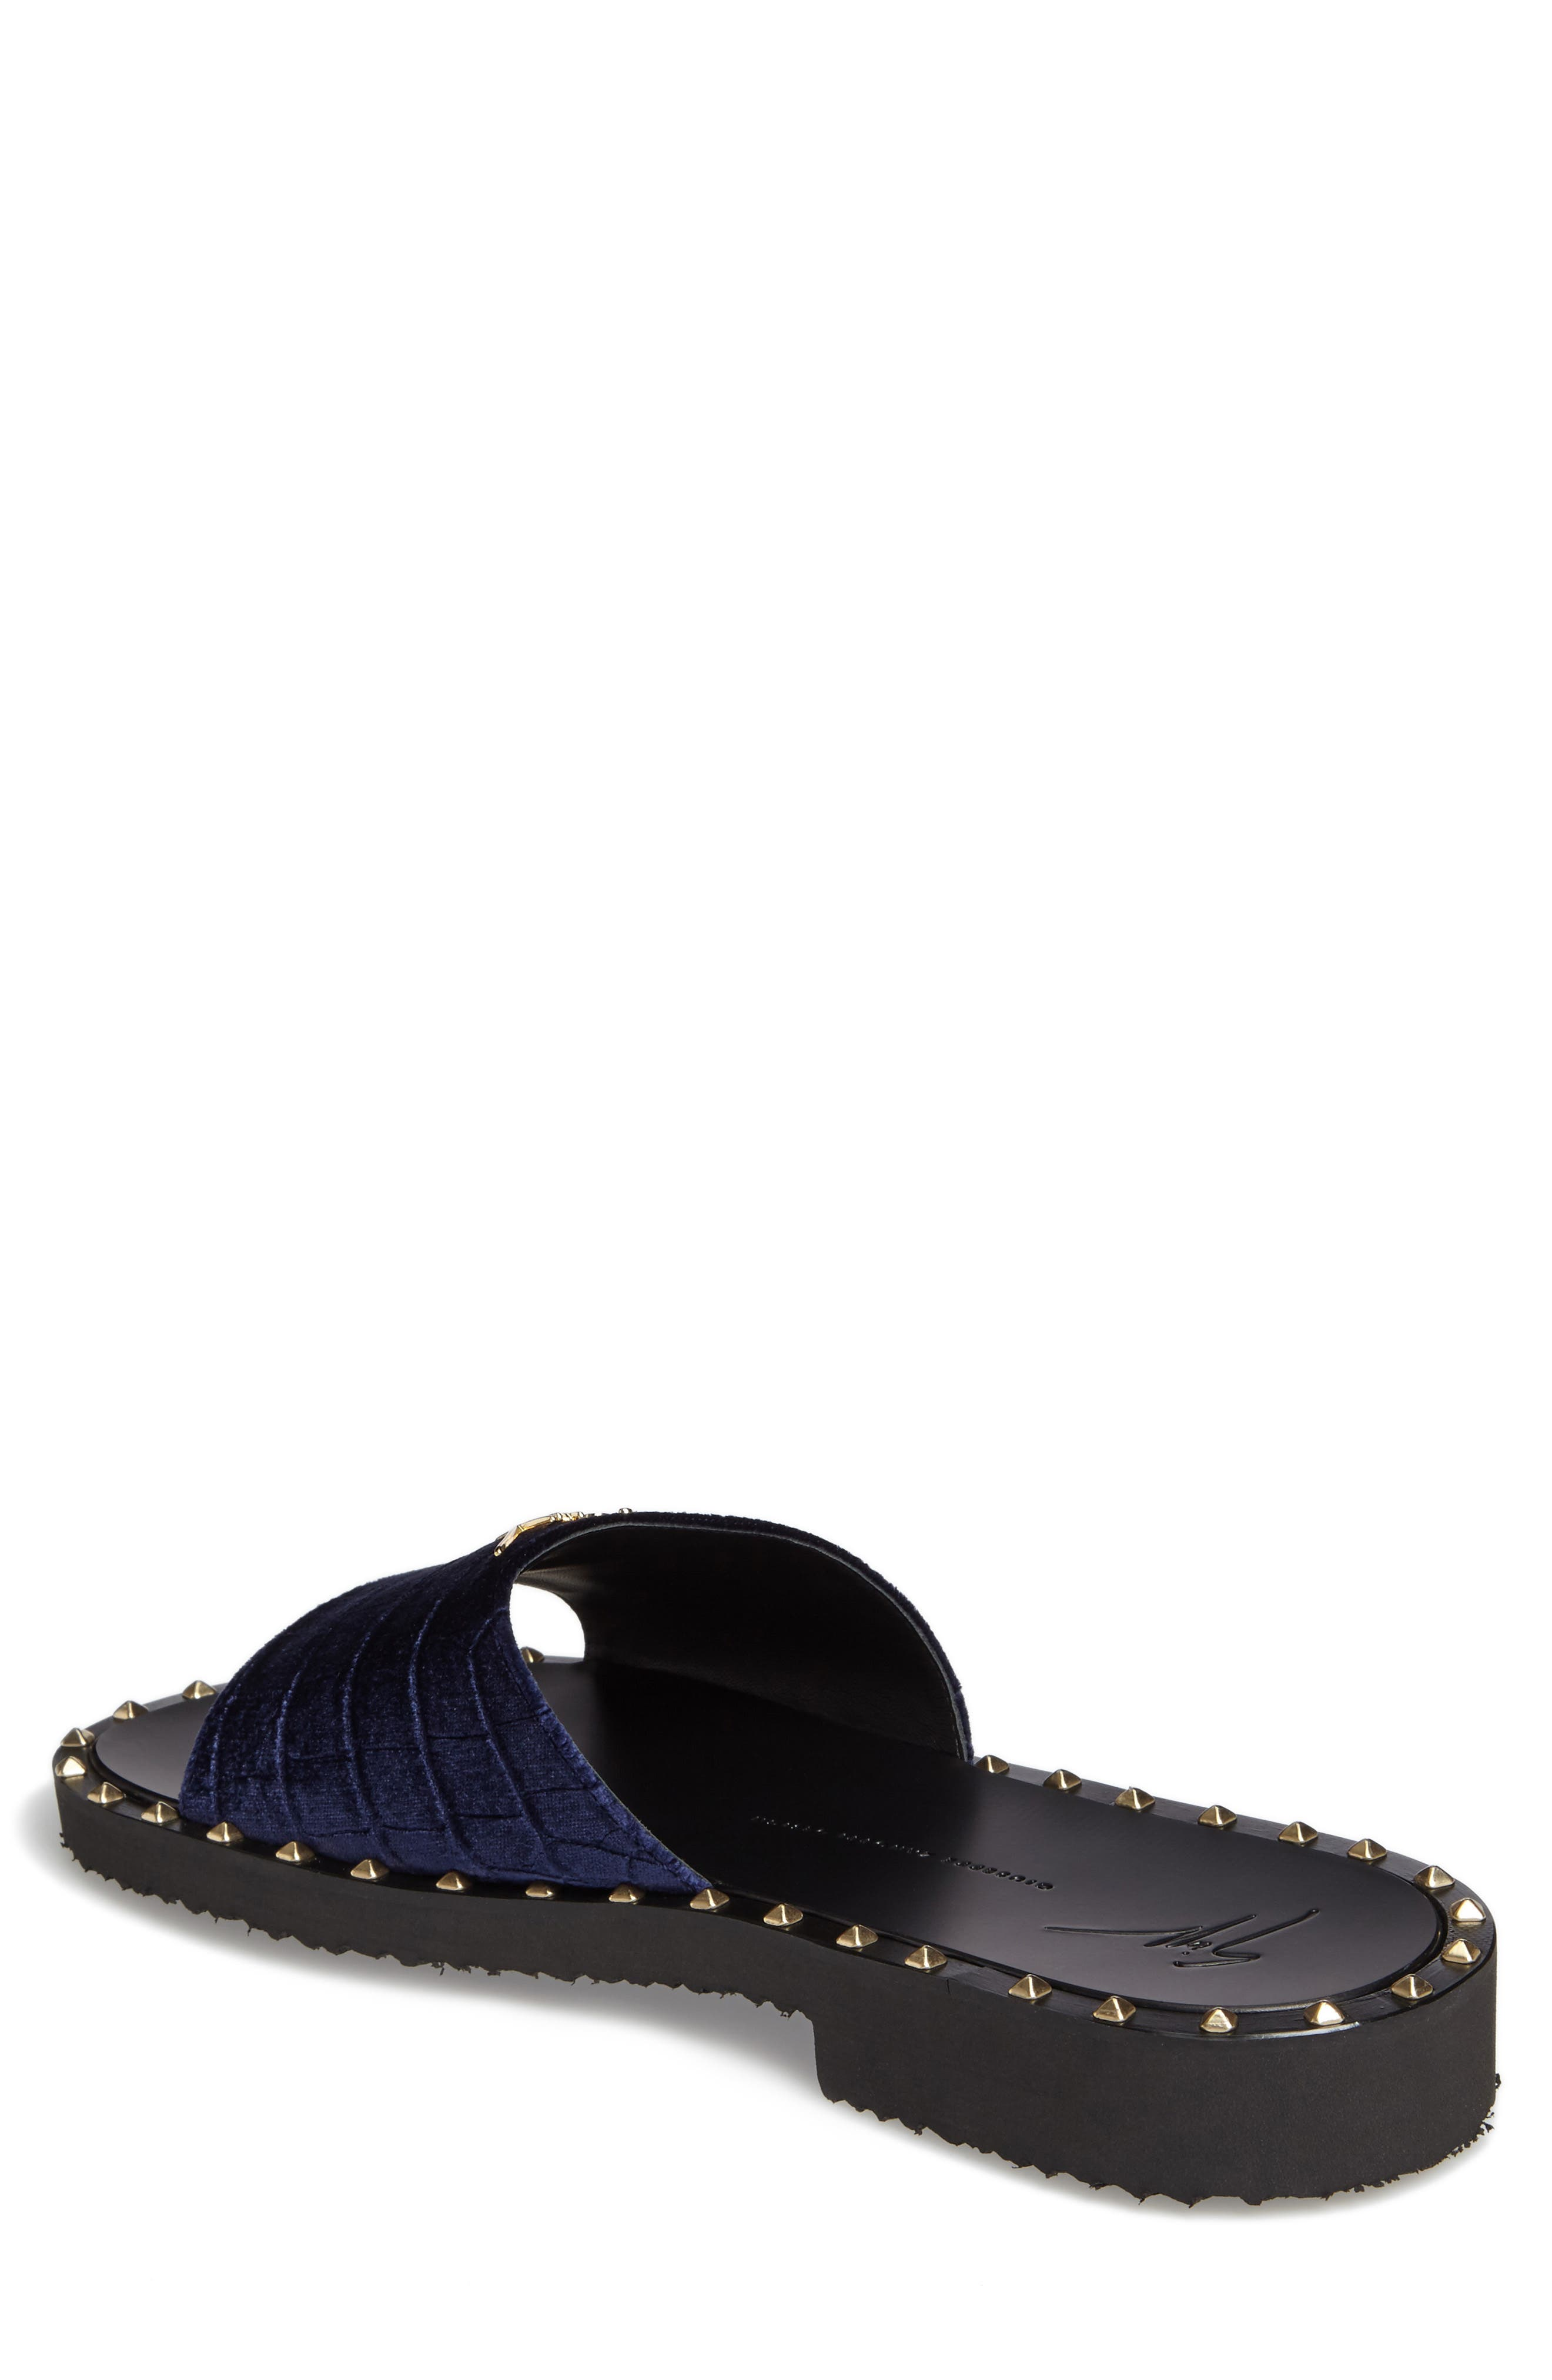 Studded Slide Sandal,                             Alternate thumbnail 2, color,                             Navy